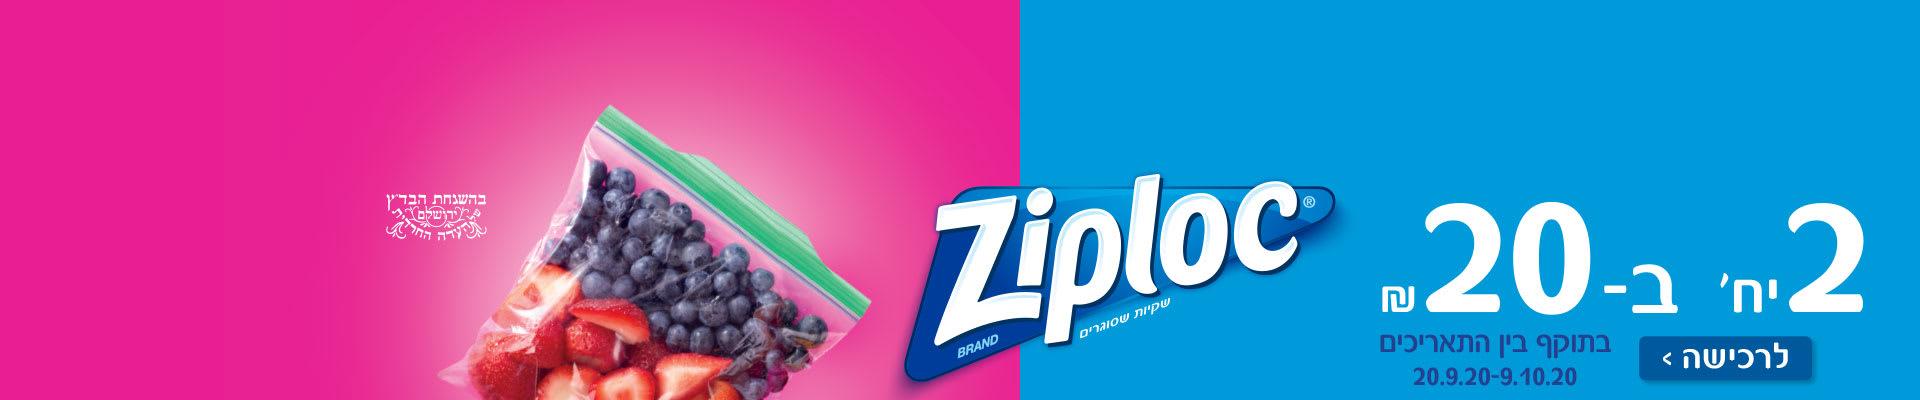 ZIPLOC 2 יחידות ב- 20 ₪. בתוקף בין התאריכים 20.9.2020-9.10.2020